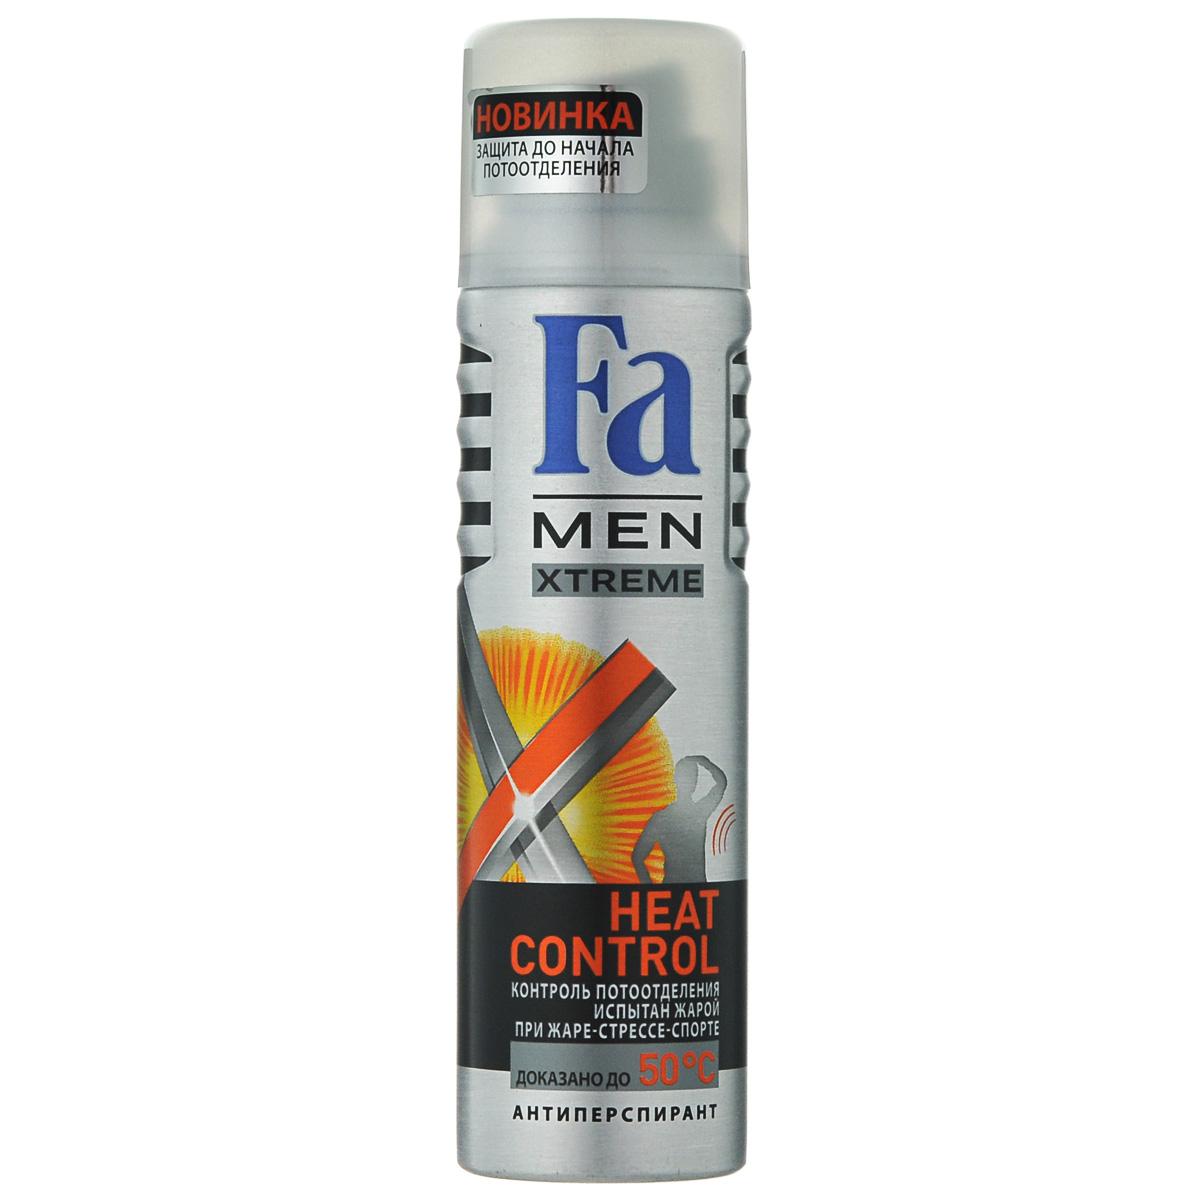 FA MEN Xtreme Дезодорант-аэрозоль Heat Control, 150 млHG 5585FA MEN Xtreme Heat Control. При повышении температуры усовершенствованная формула усиливает уровень защиты для экстремального контроля над потом в любой ситуации. Инновационная технология Sweat Detect борется с потом еще до его появления. Клинические испытания доказали эффективную защиту против пота и запаха, даже в экстремально жарких условиях. Протестирован при t до 50°C.Также почувствуйте притягательную свежесть, принимая душ с гелем для душа Fa Men Xtreme.